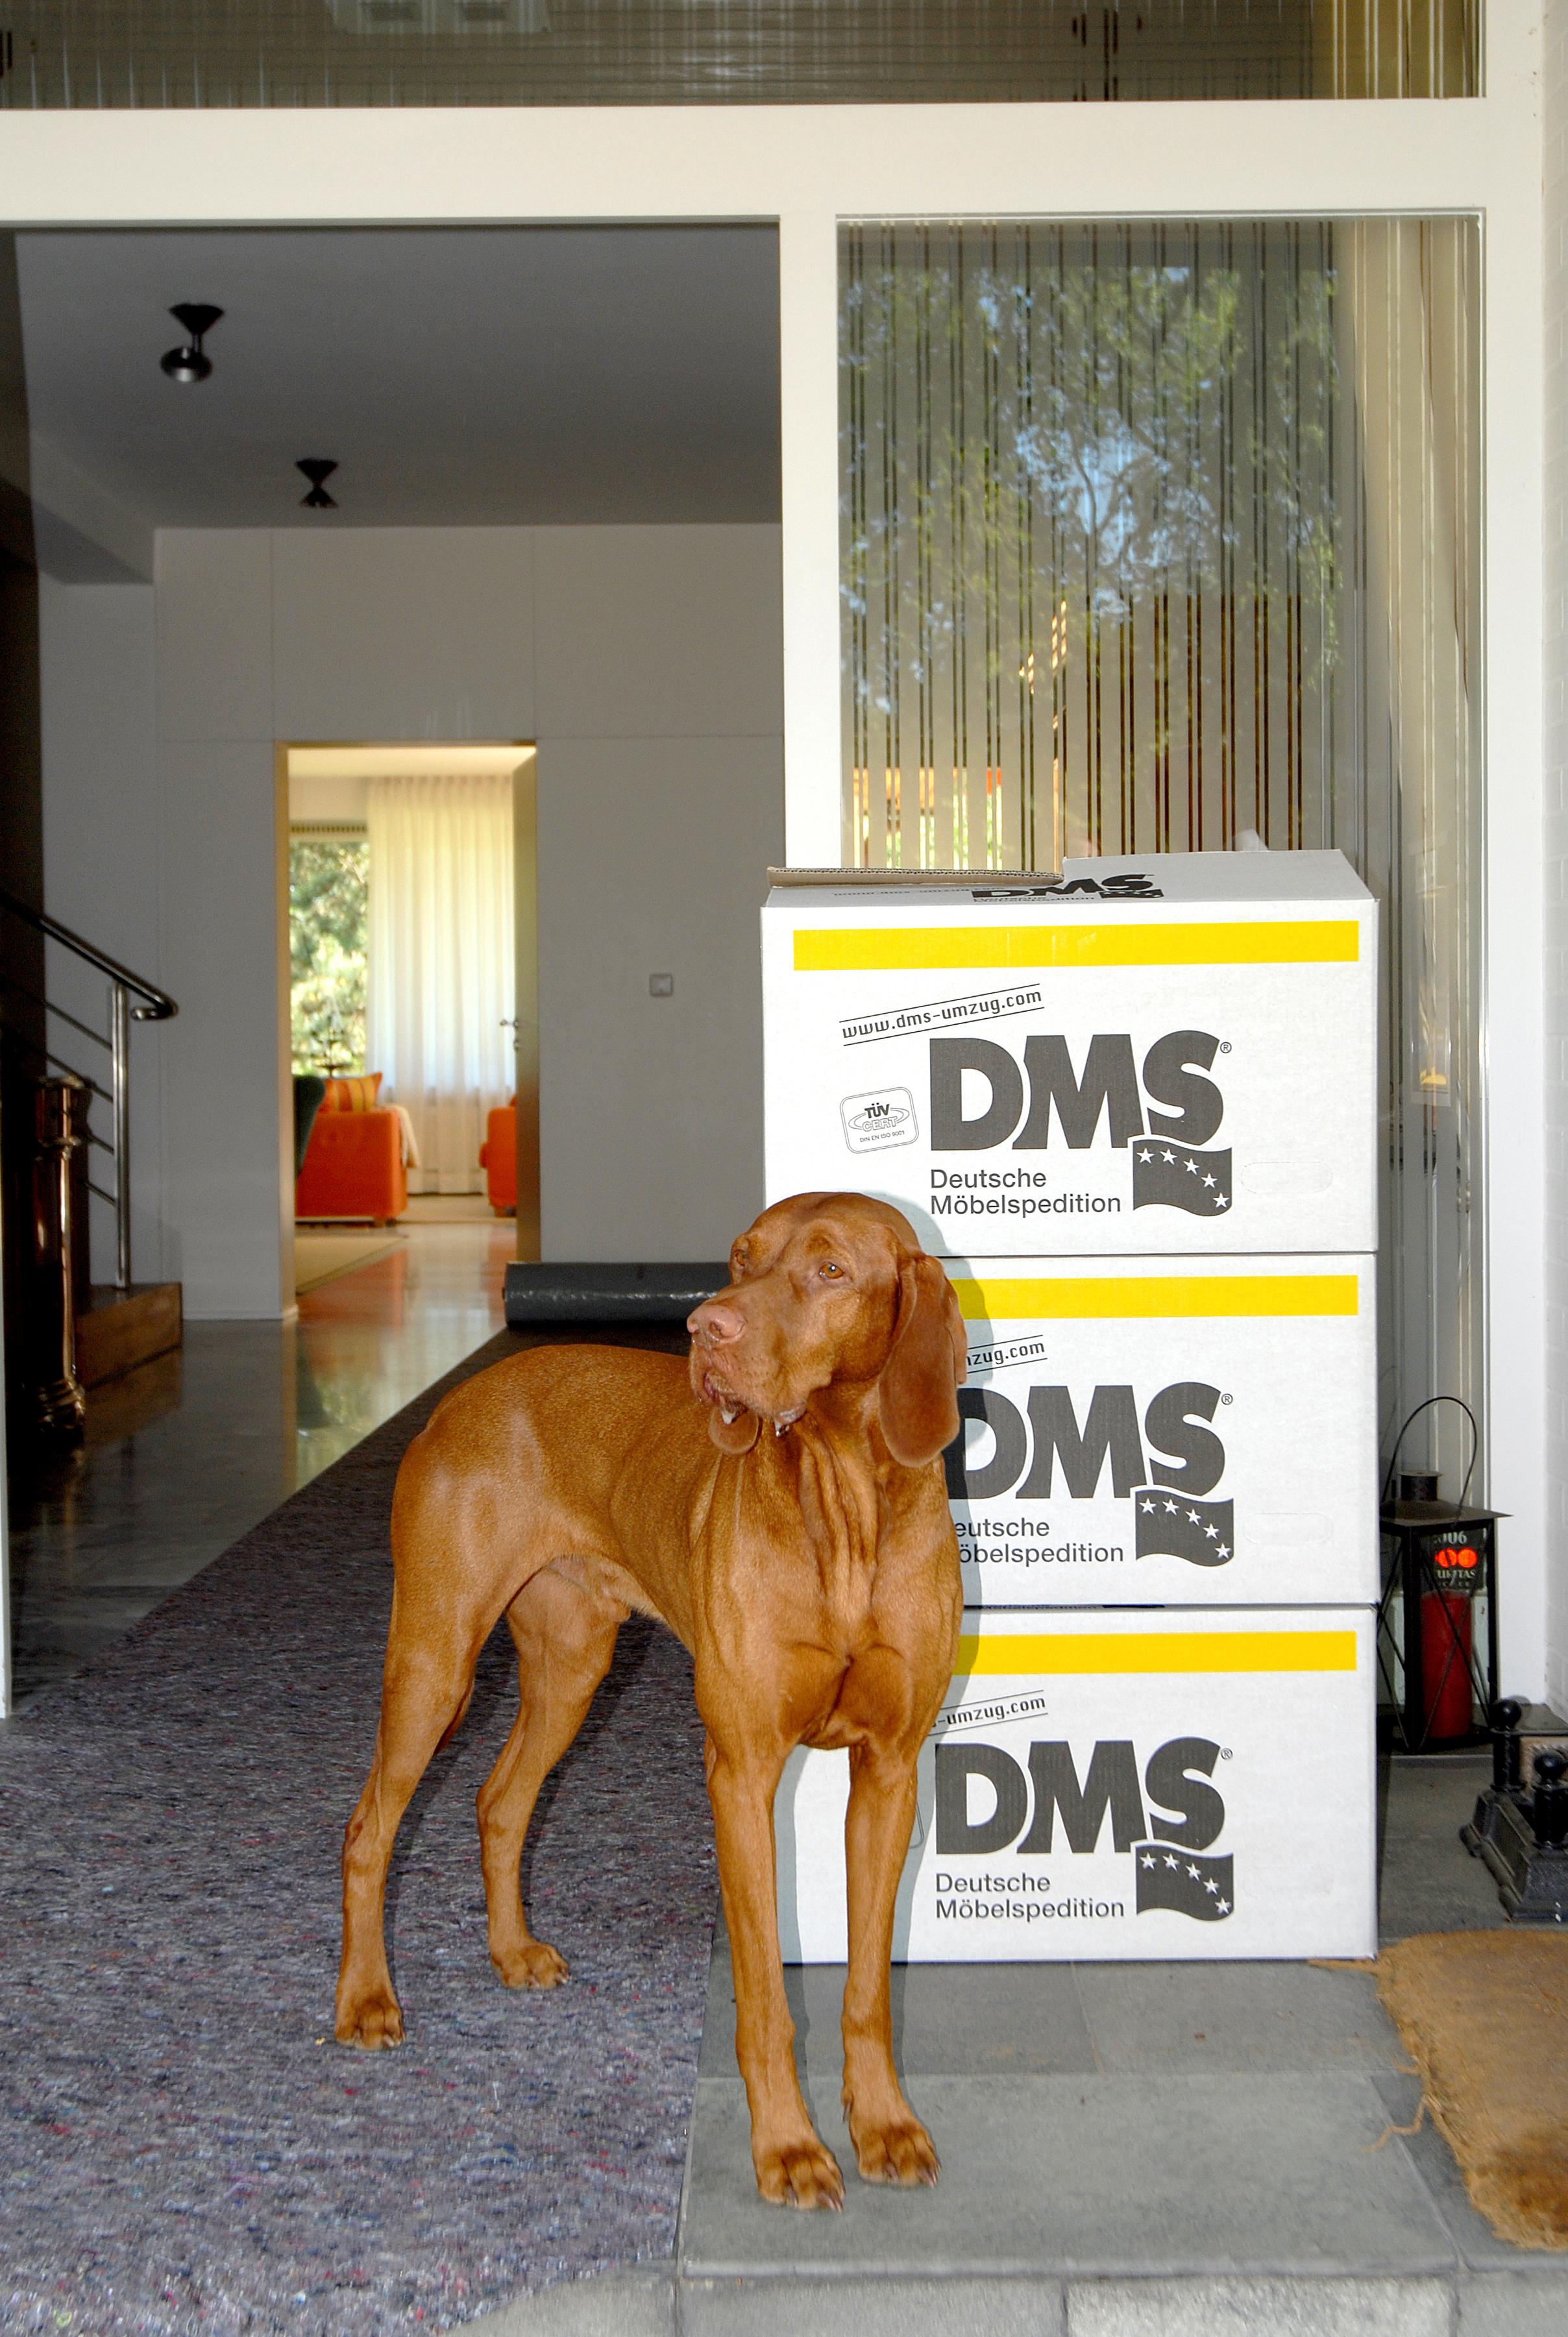 Beim Umzug mit Hund ist einiges zu beachten. DMS Ridder Möbeltransport in Wesel will das sich alle beim Umziehen wohlfühlen. Ob Mensch oder Tier.